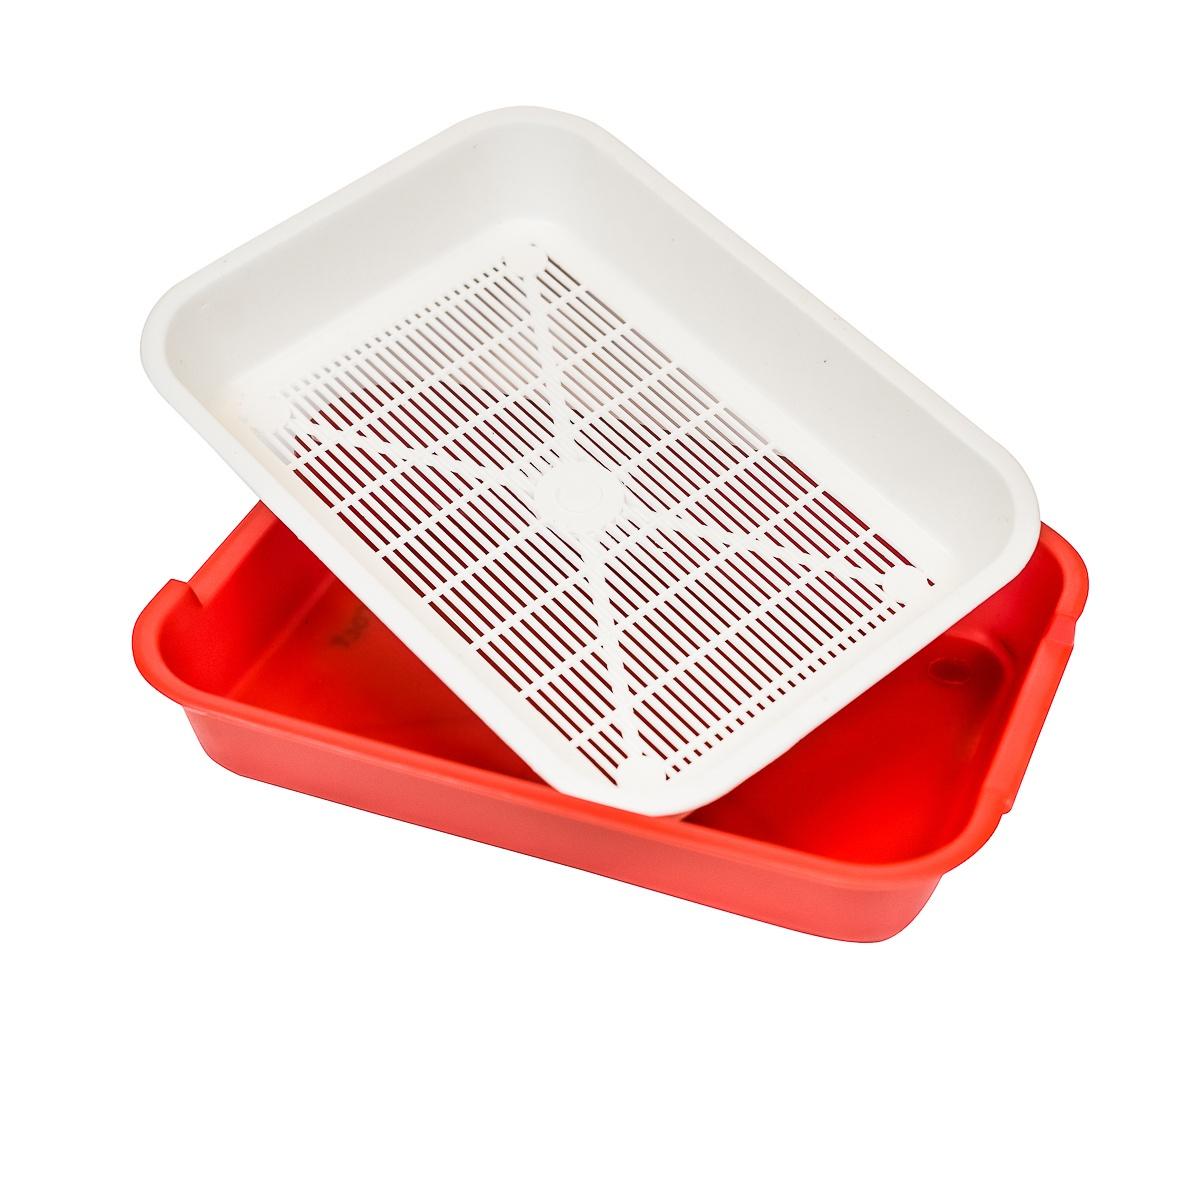 Лоток для животных из антибактериального экопластика КисПис ГО со съемной решеткой, 420*310*80 (красный)-13356